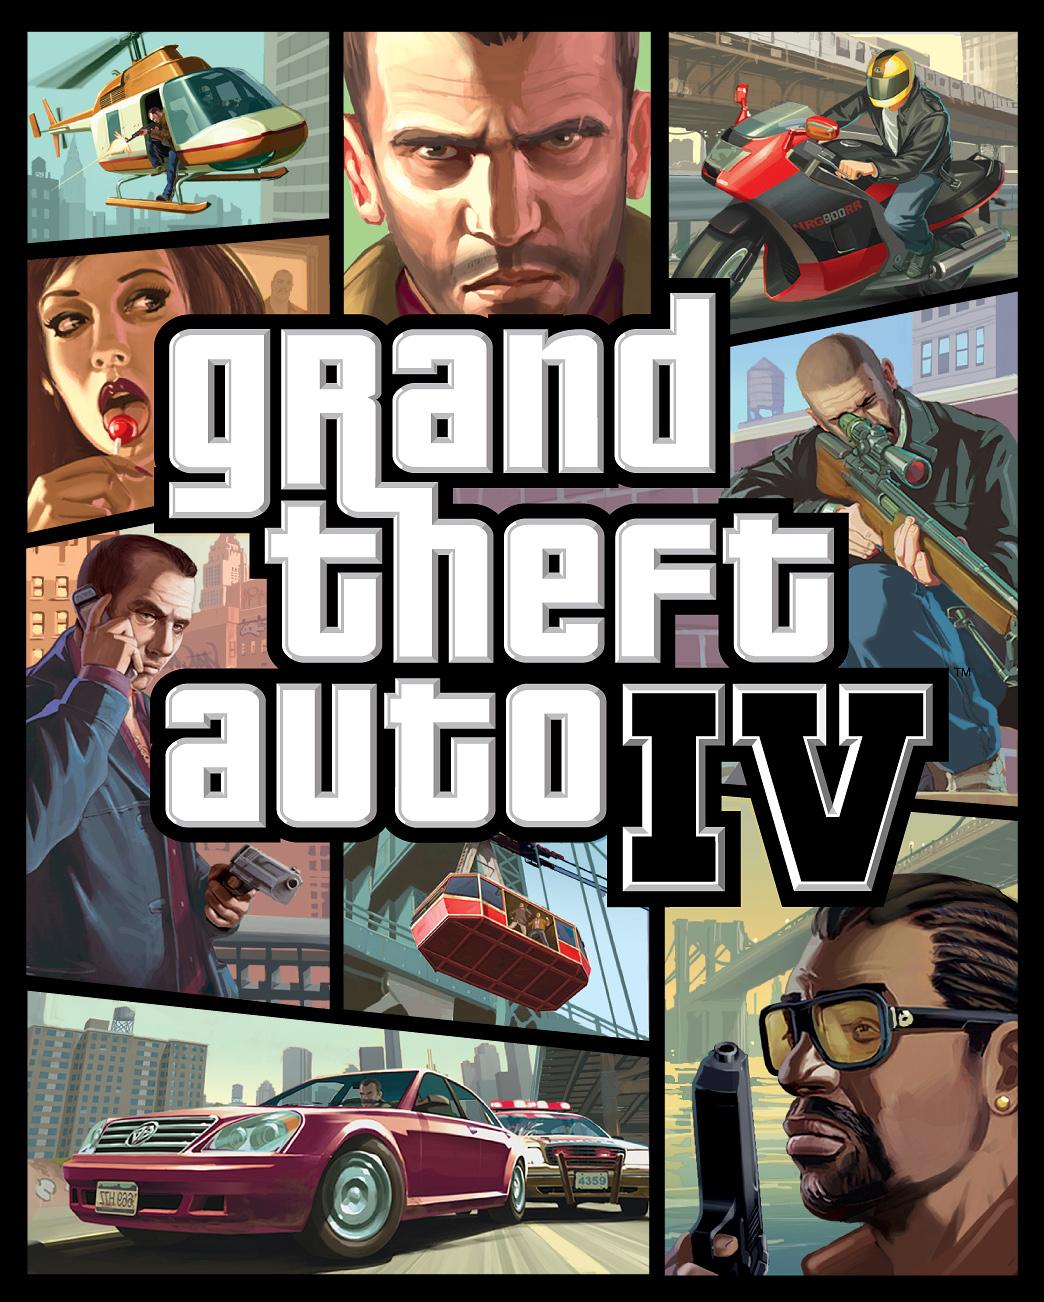 Grand Theft Auto IV Complete Edition, Gratis si tienes el juego base (Steam)